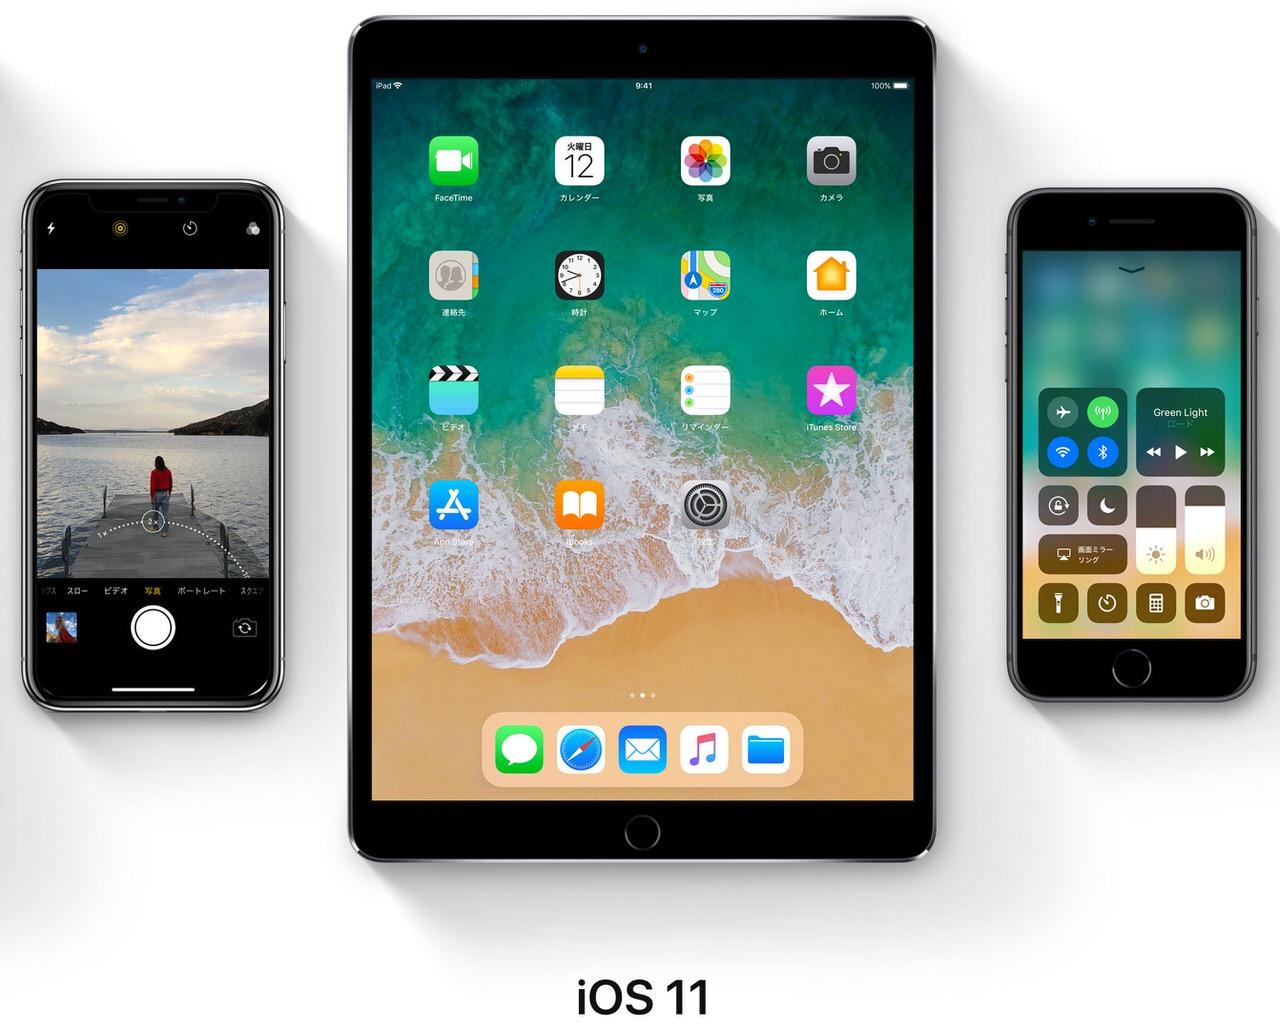 「iOS 11」9月19日に正式リリースと発表(米国時間)